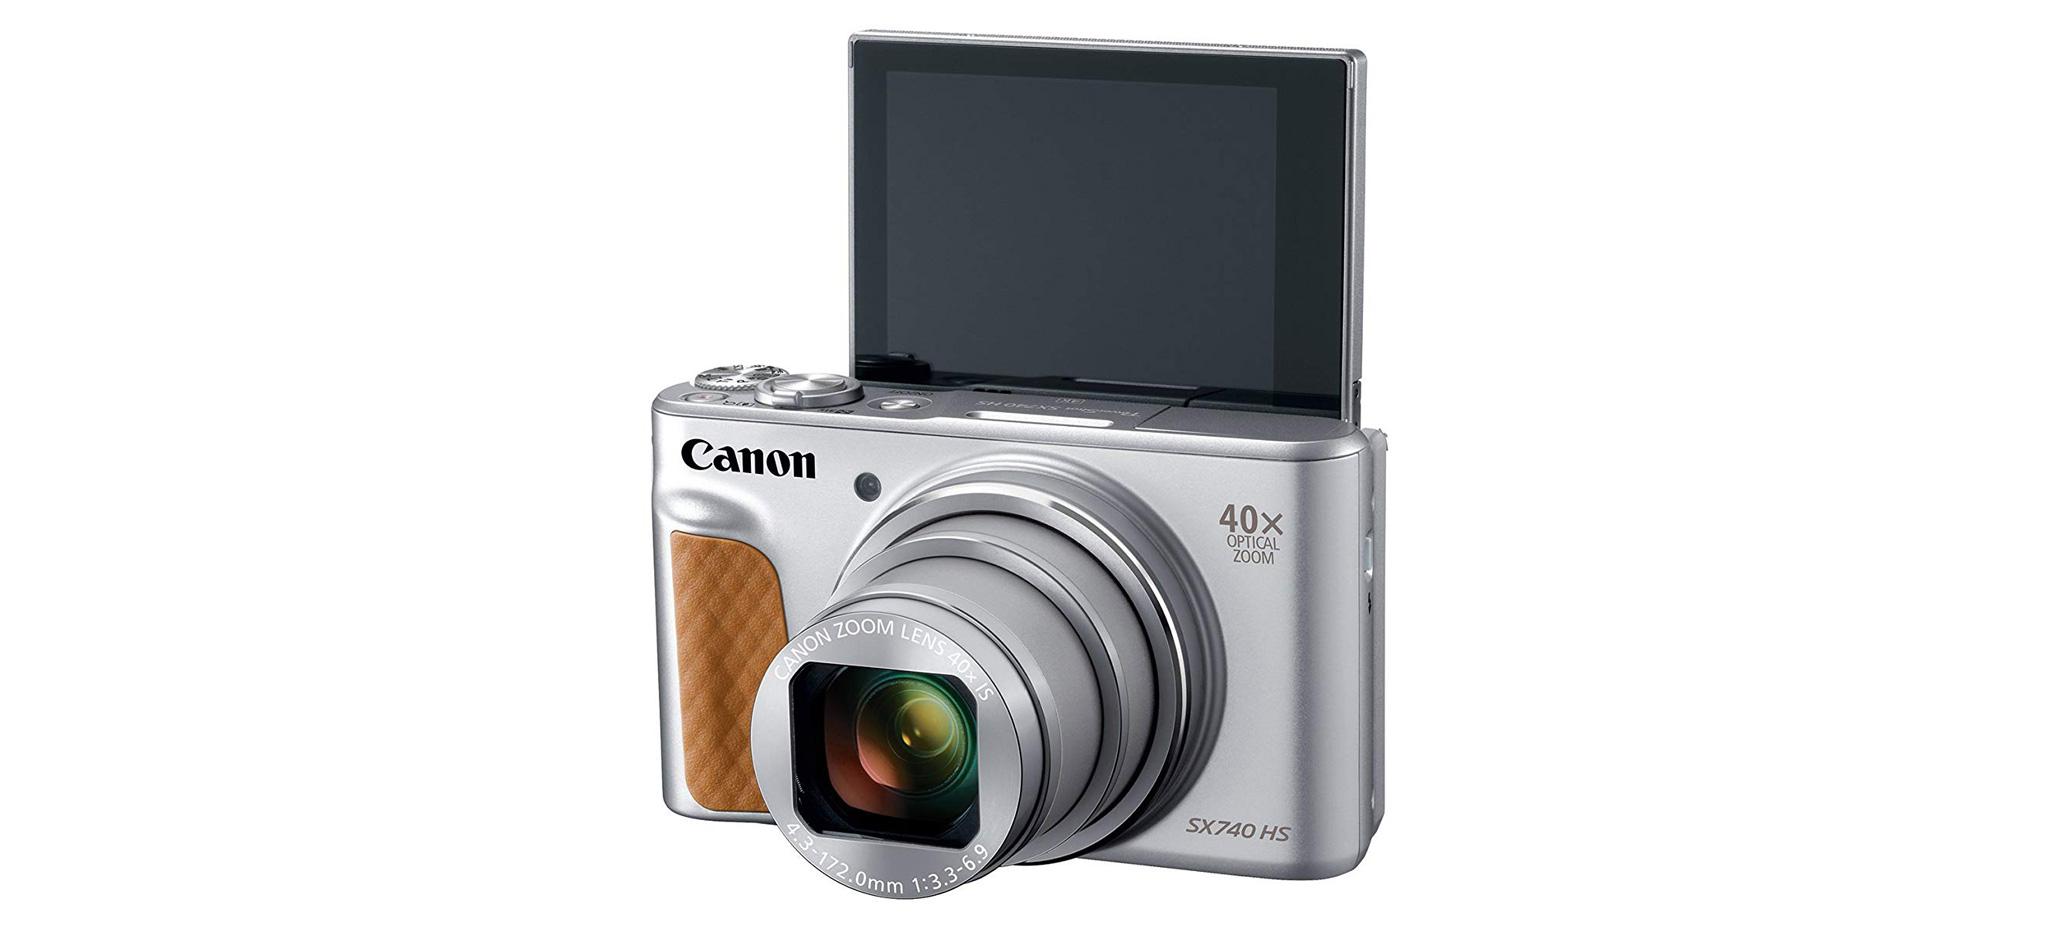 Canon-SX740-HS-5.jpg